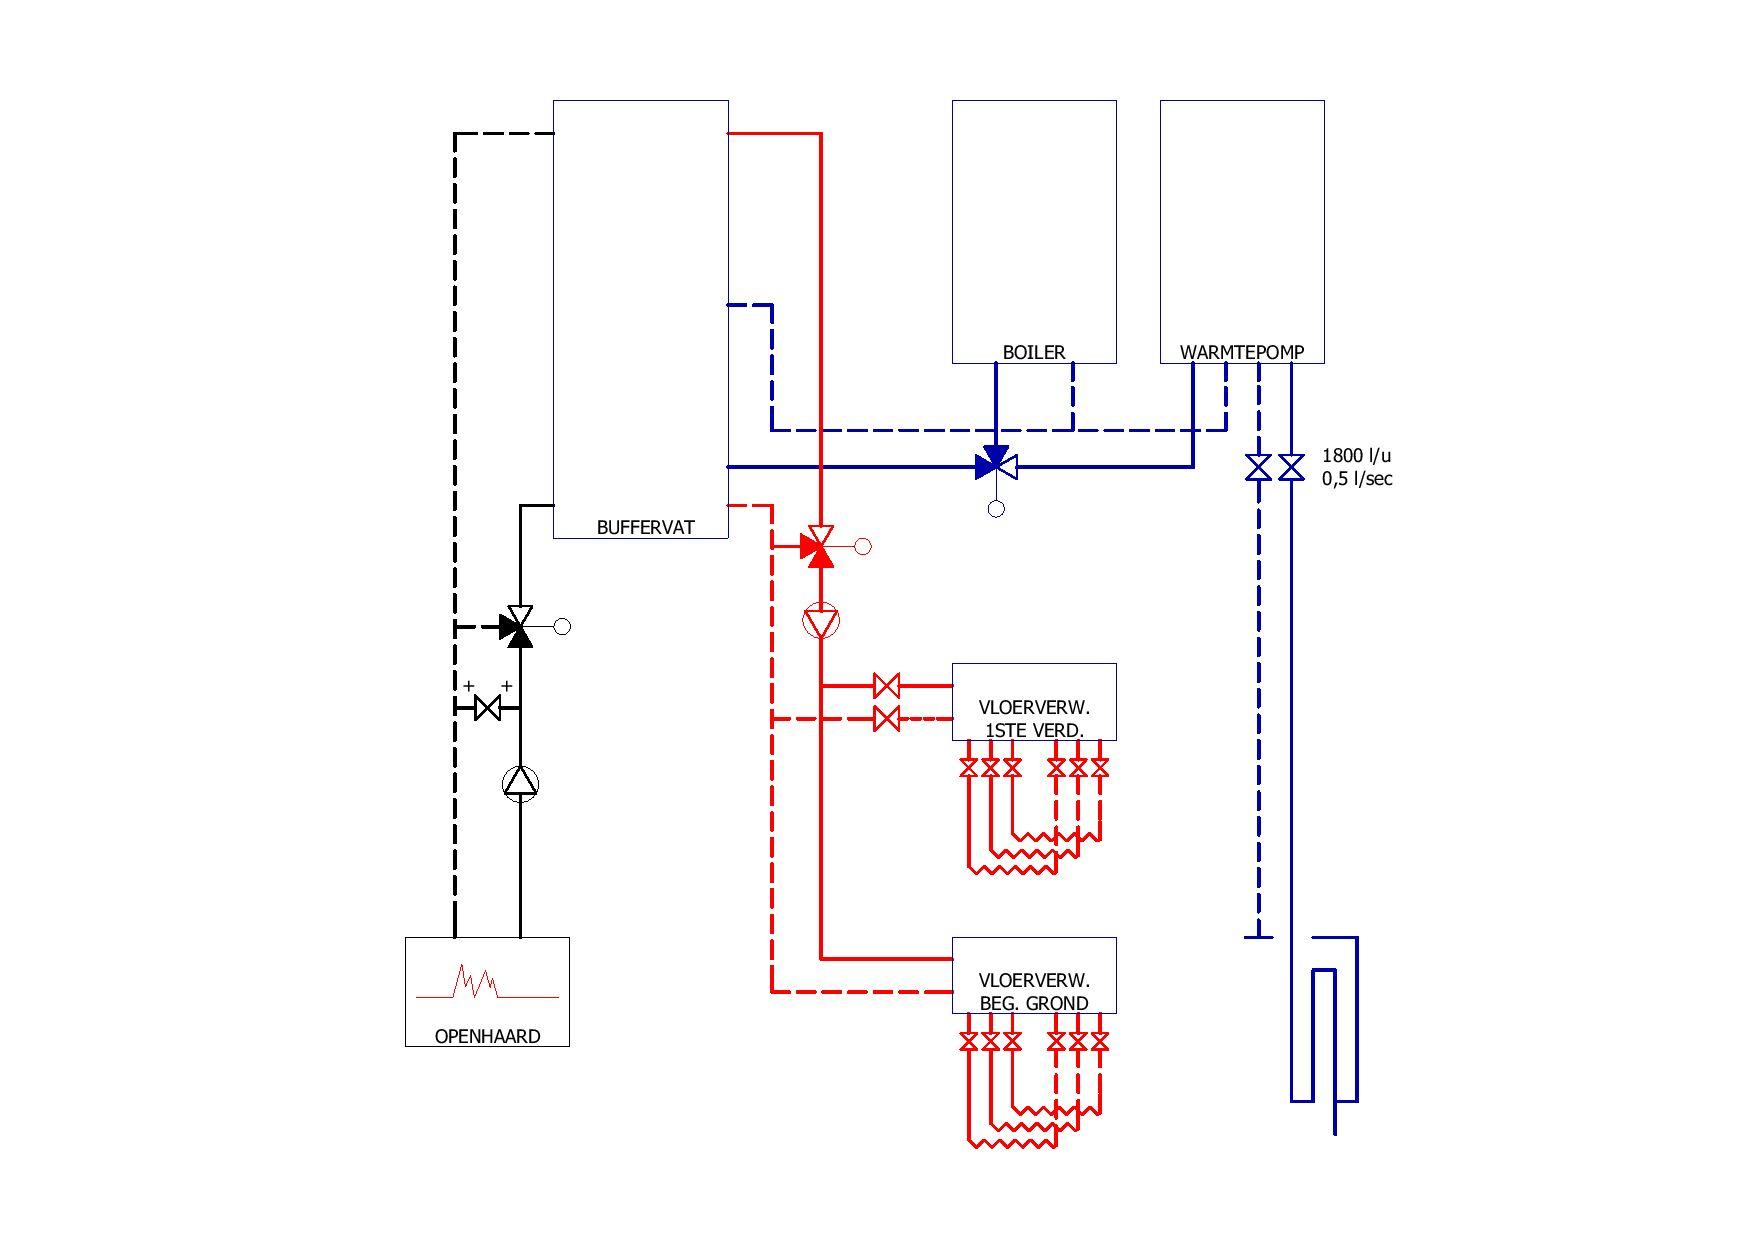 schema installatiewerking